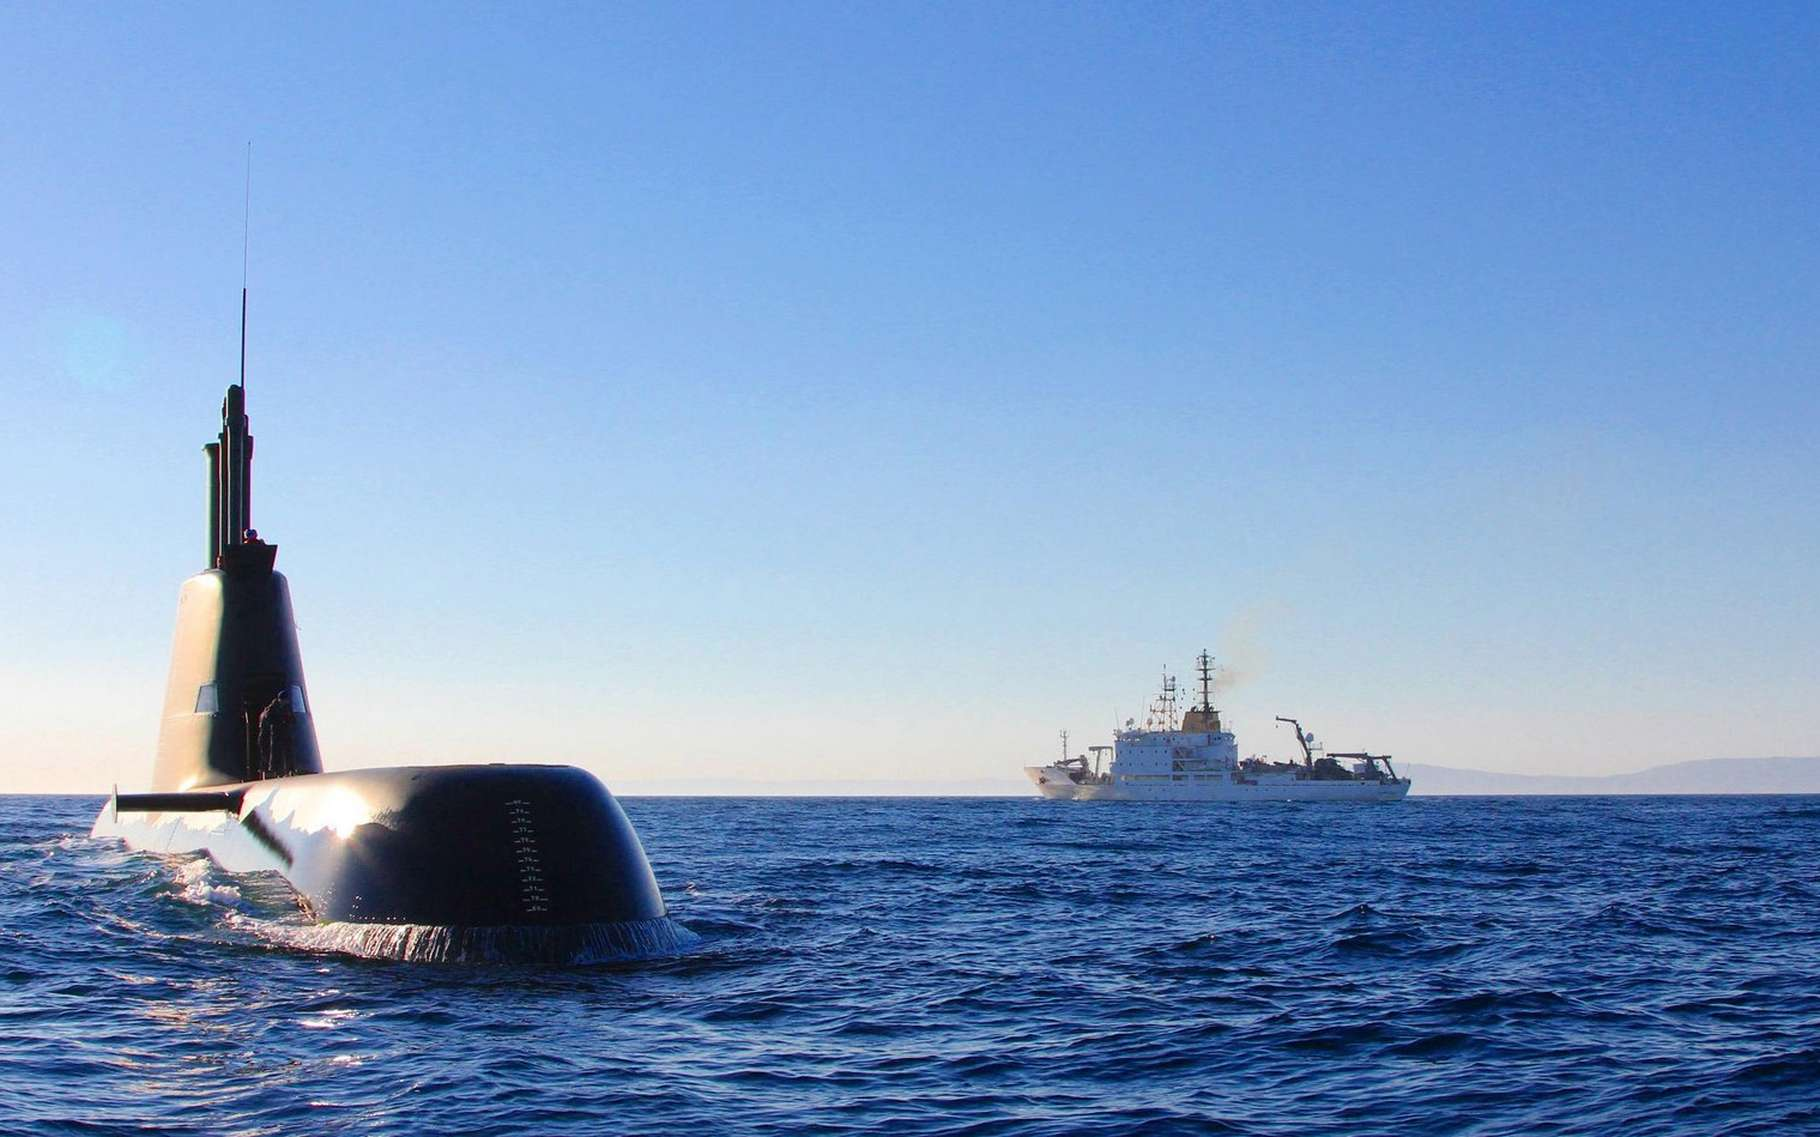 Le centre sur la recherche maritime de l'Otan basé à La Spezia en Italie a développé la norme de communication sous-marine Janus qui est reconnue par tous les membres depuis mars 2017. © Centre for Maritime Research and Experimentation, Otan